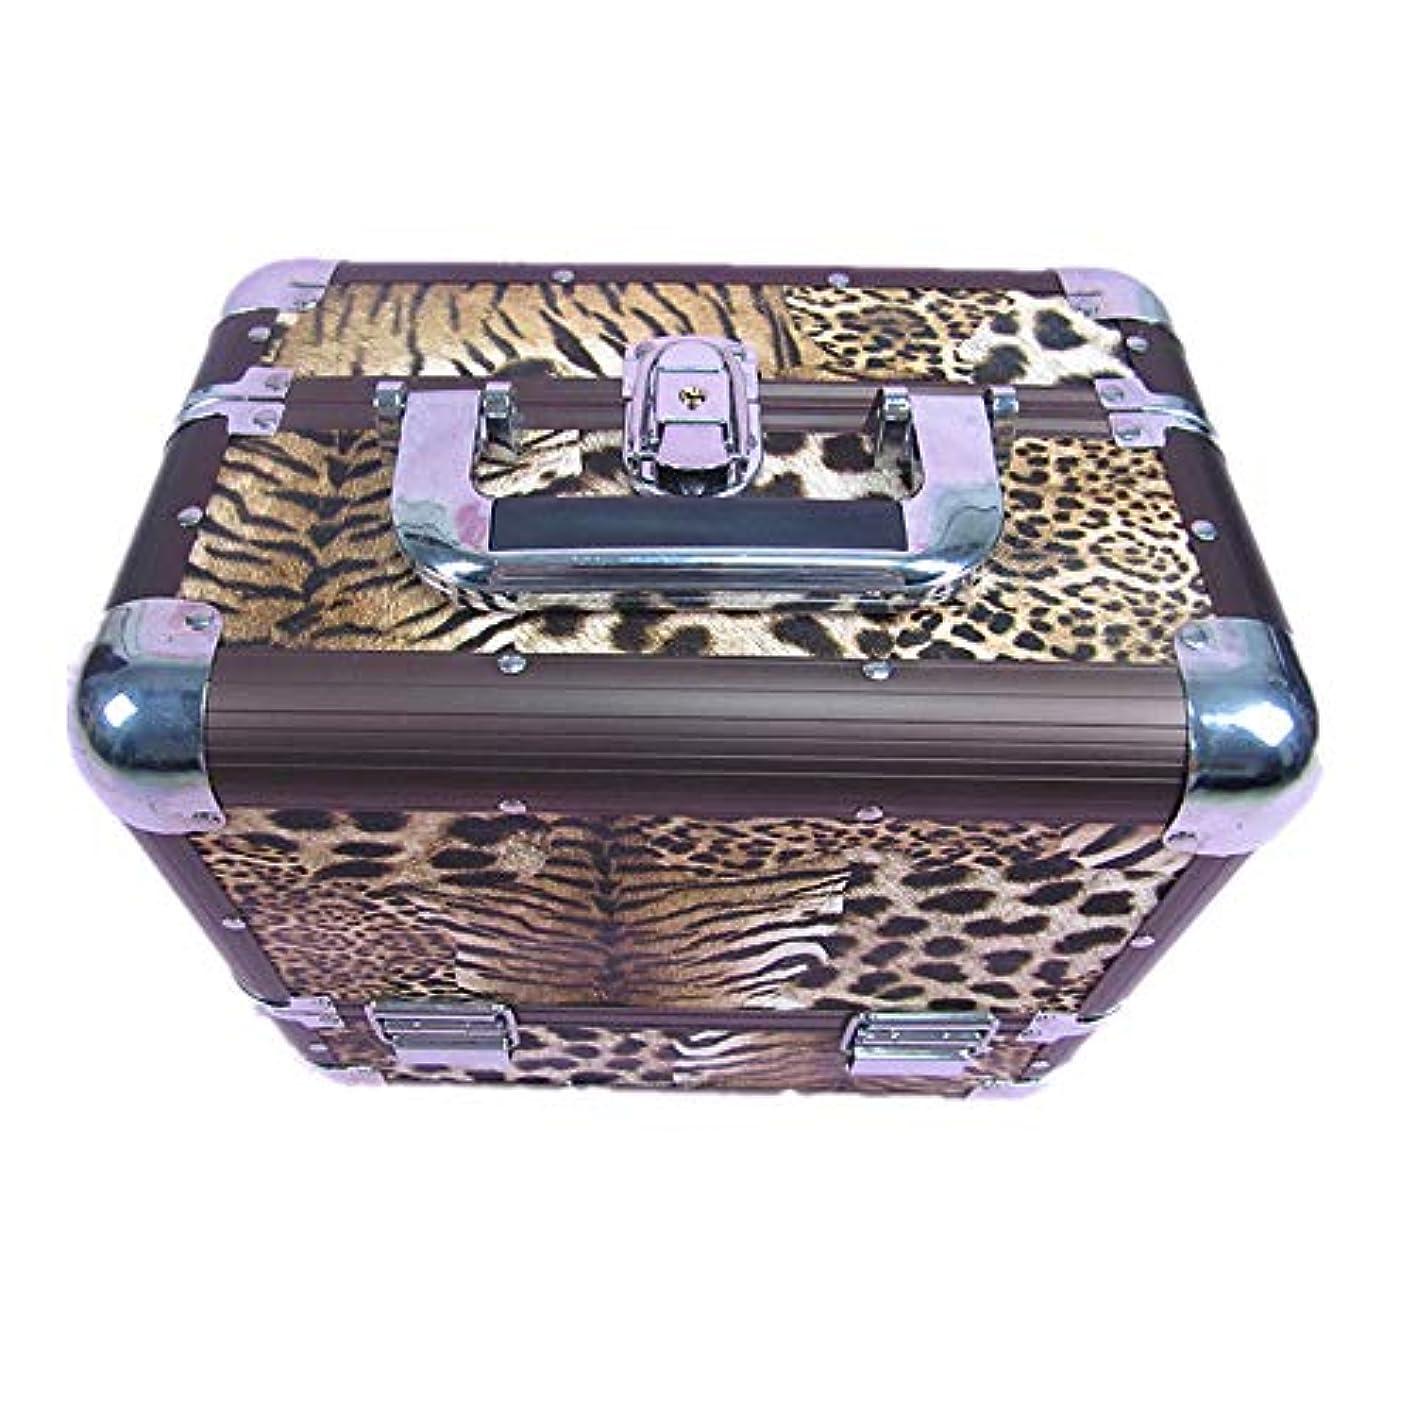 スカウト大型トラック電気の化粧オーガナイザーバッグ 大容量ポータブル化粧ケース(トラベルアクセサリー用)シャンプーボディウォッシュパーソナルアイテム収納トレイ(エクステンショントレイ付) 化粧品ケース